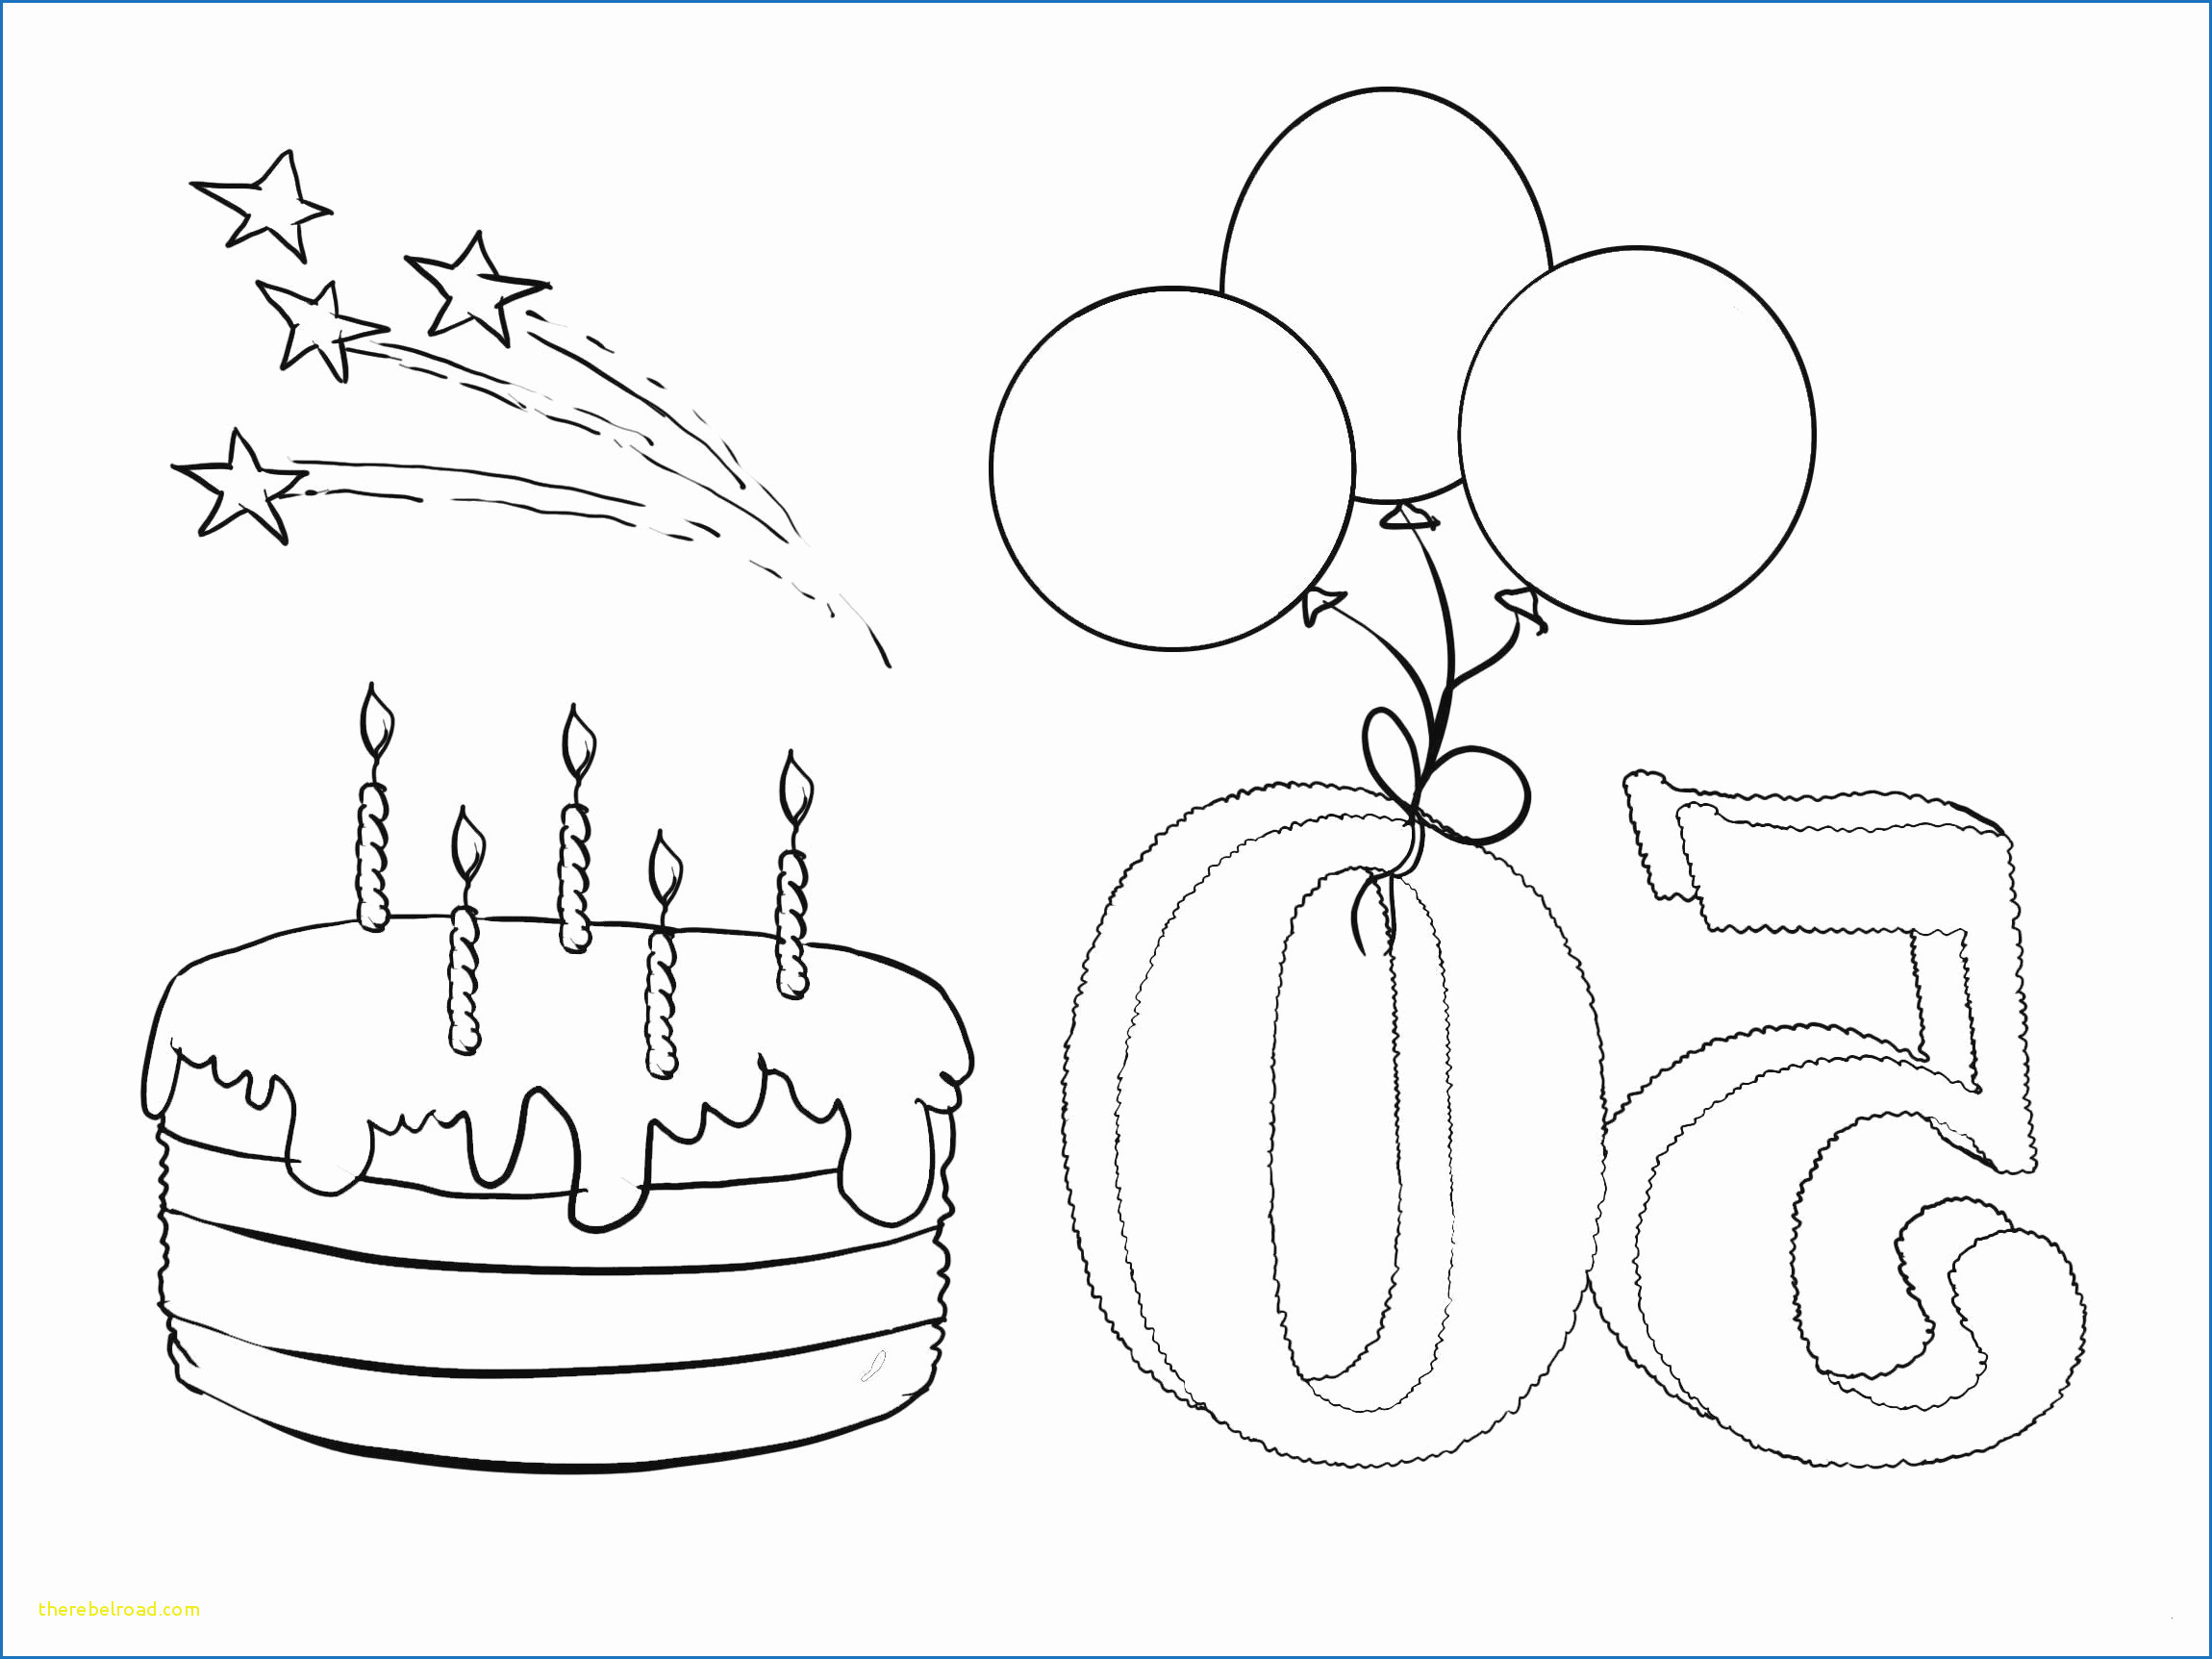 Ausmalbilder Geburtstag Papa  Ausmalbilder Geburtstag Opa